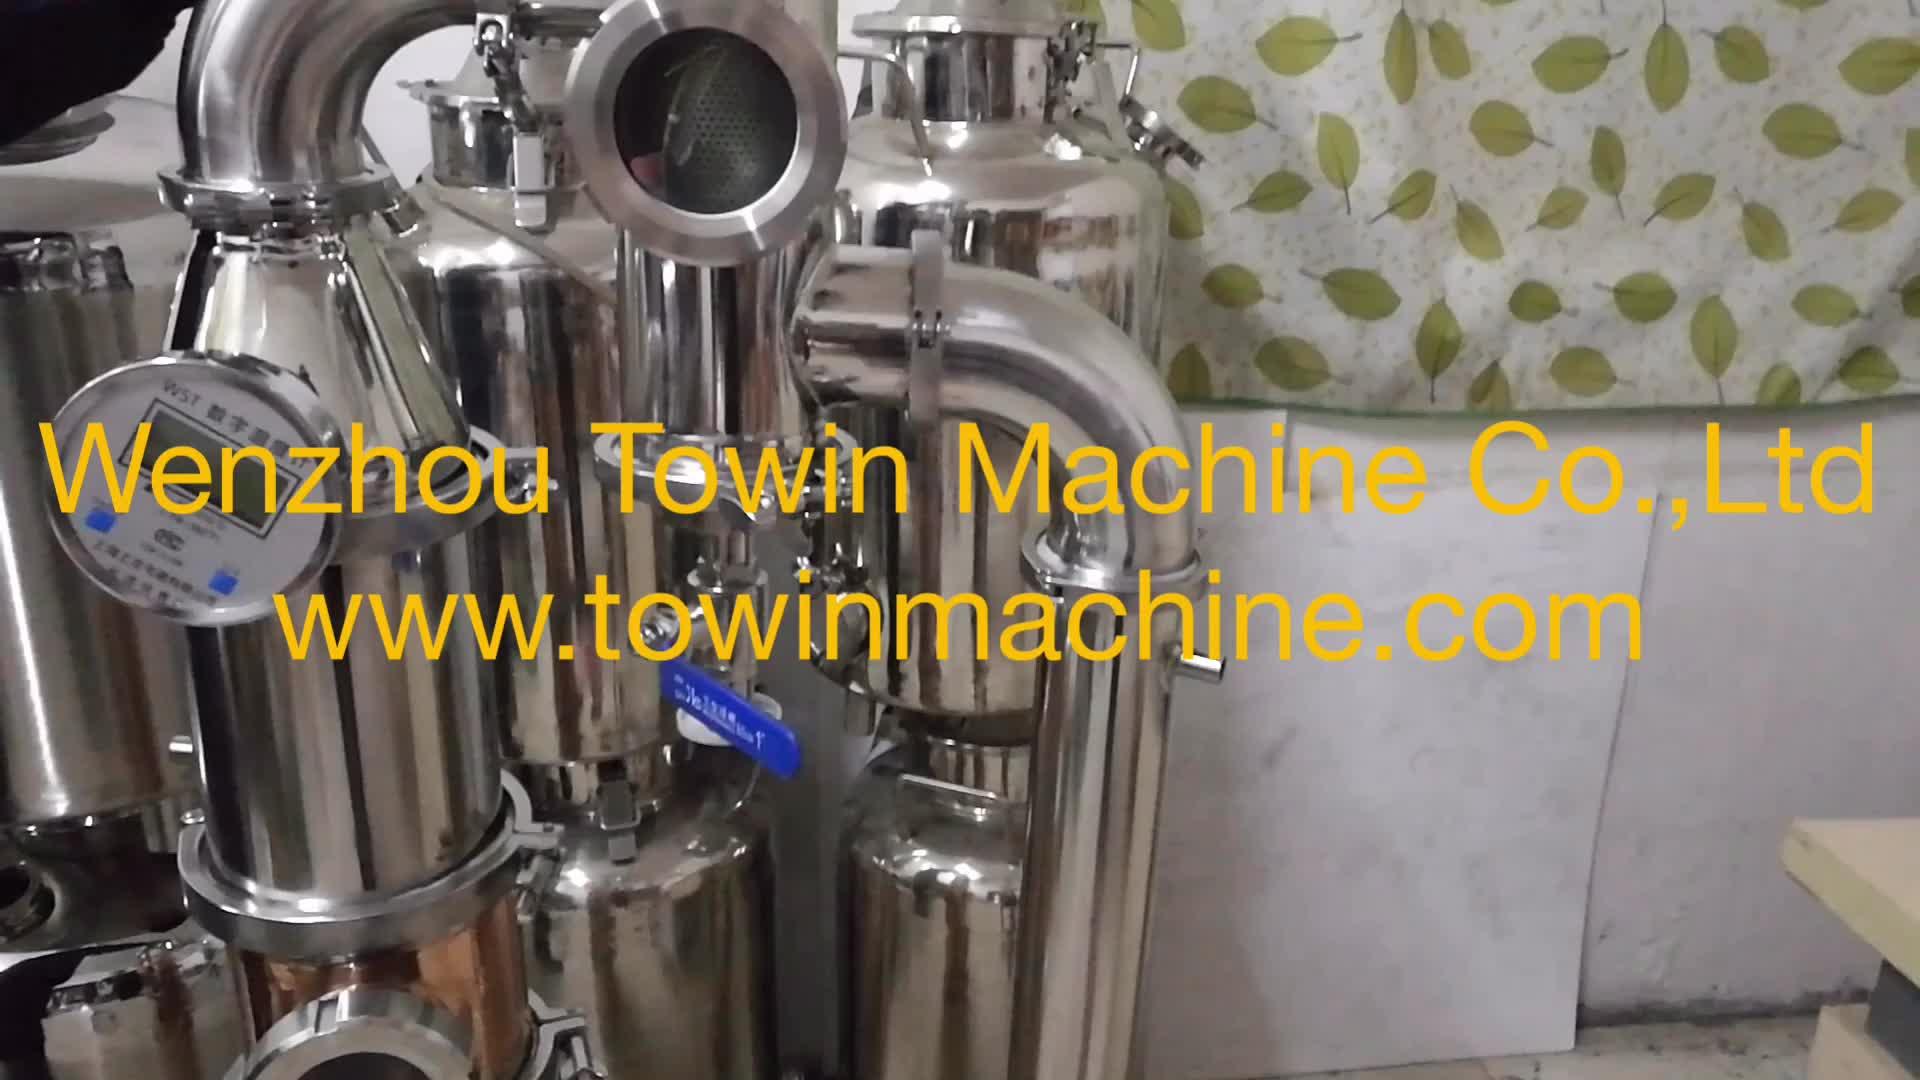 इस्तेमाल किया शराब अभी भी 200 गैलन चांदनी तांबा वानजाउ मशीनरी स्तंभ जिन शराब खींचनेवाला 200l वोदका आसवनी के लिए बिक्री